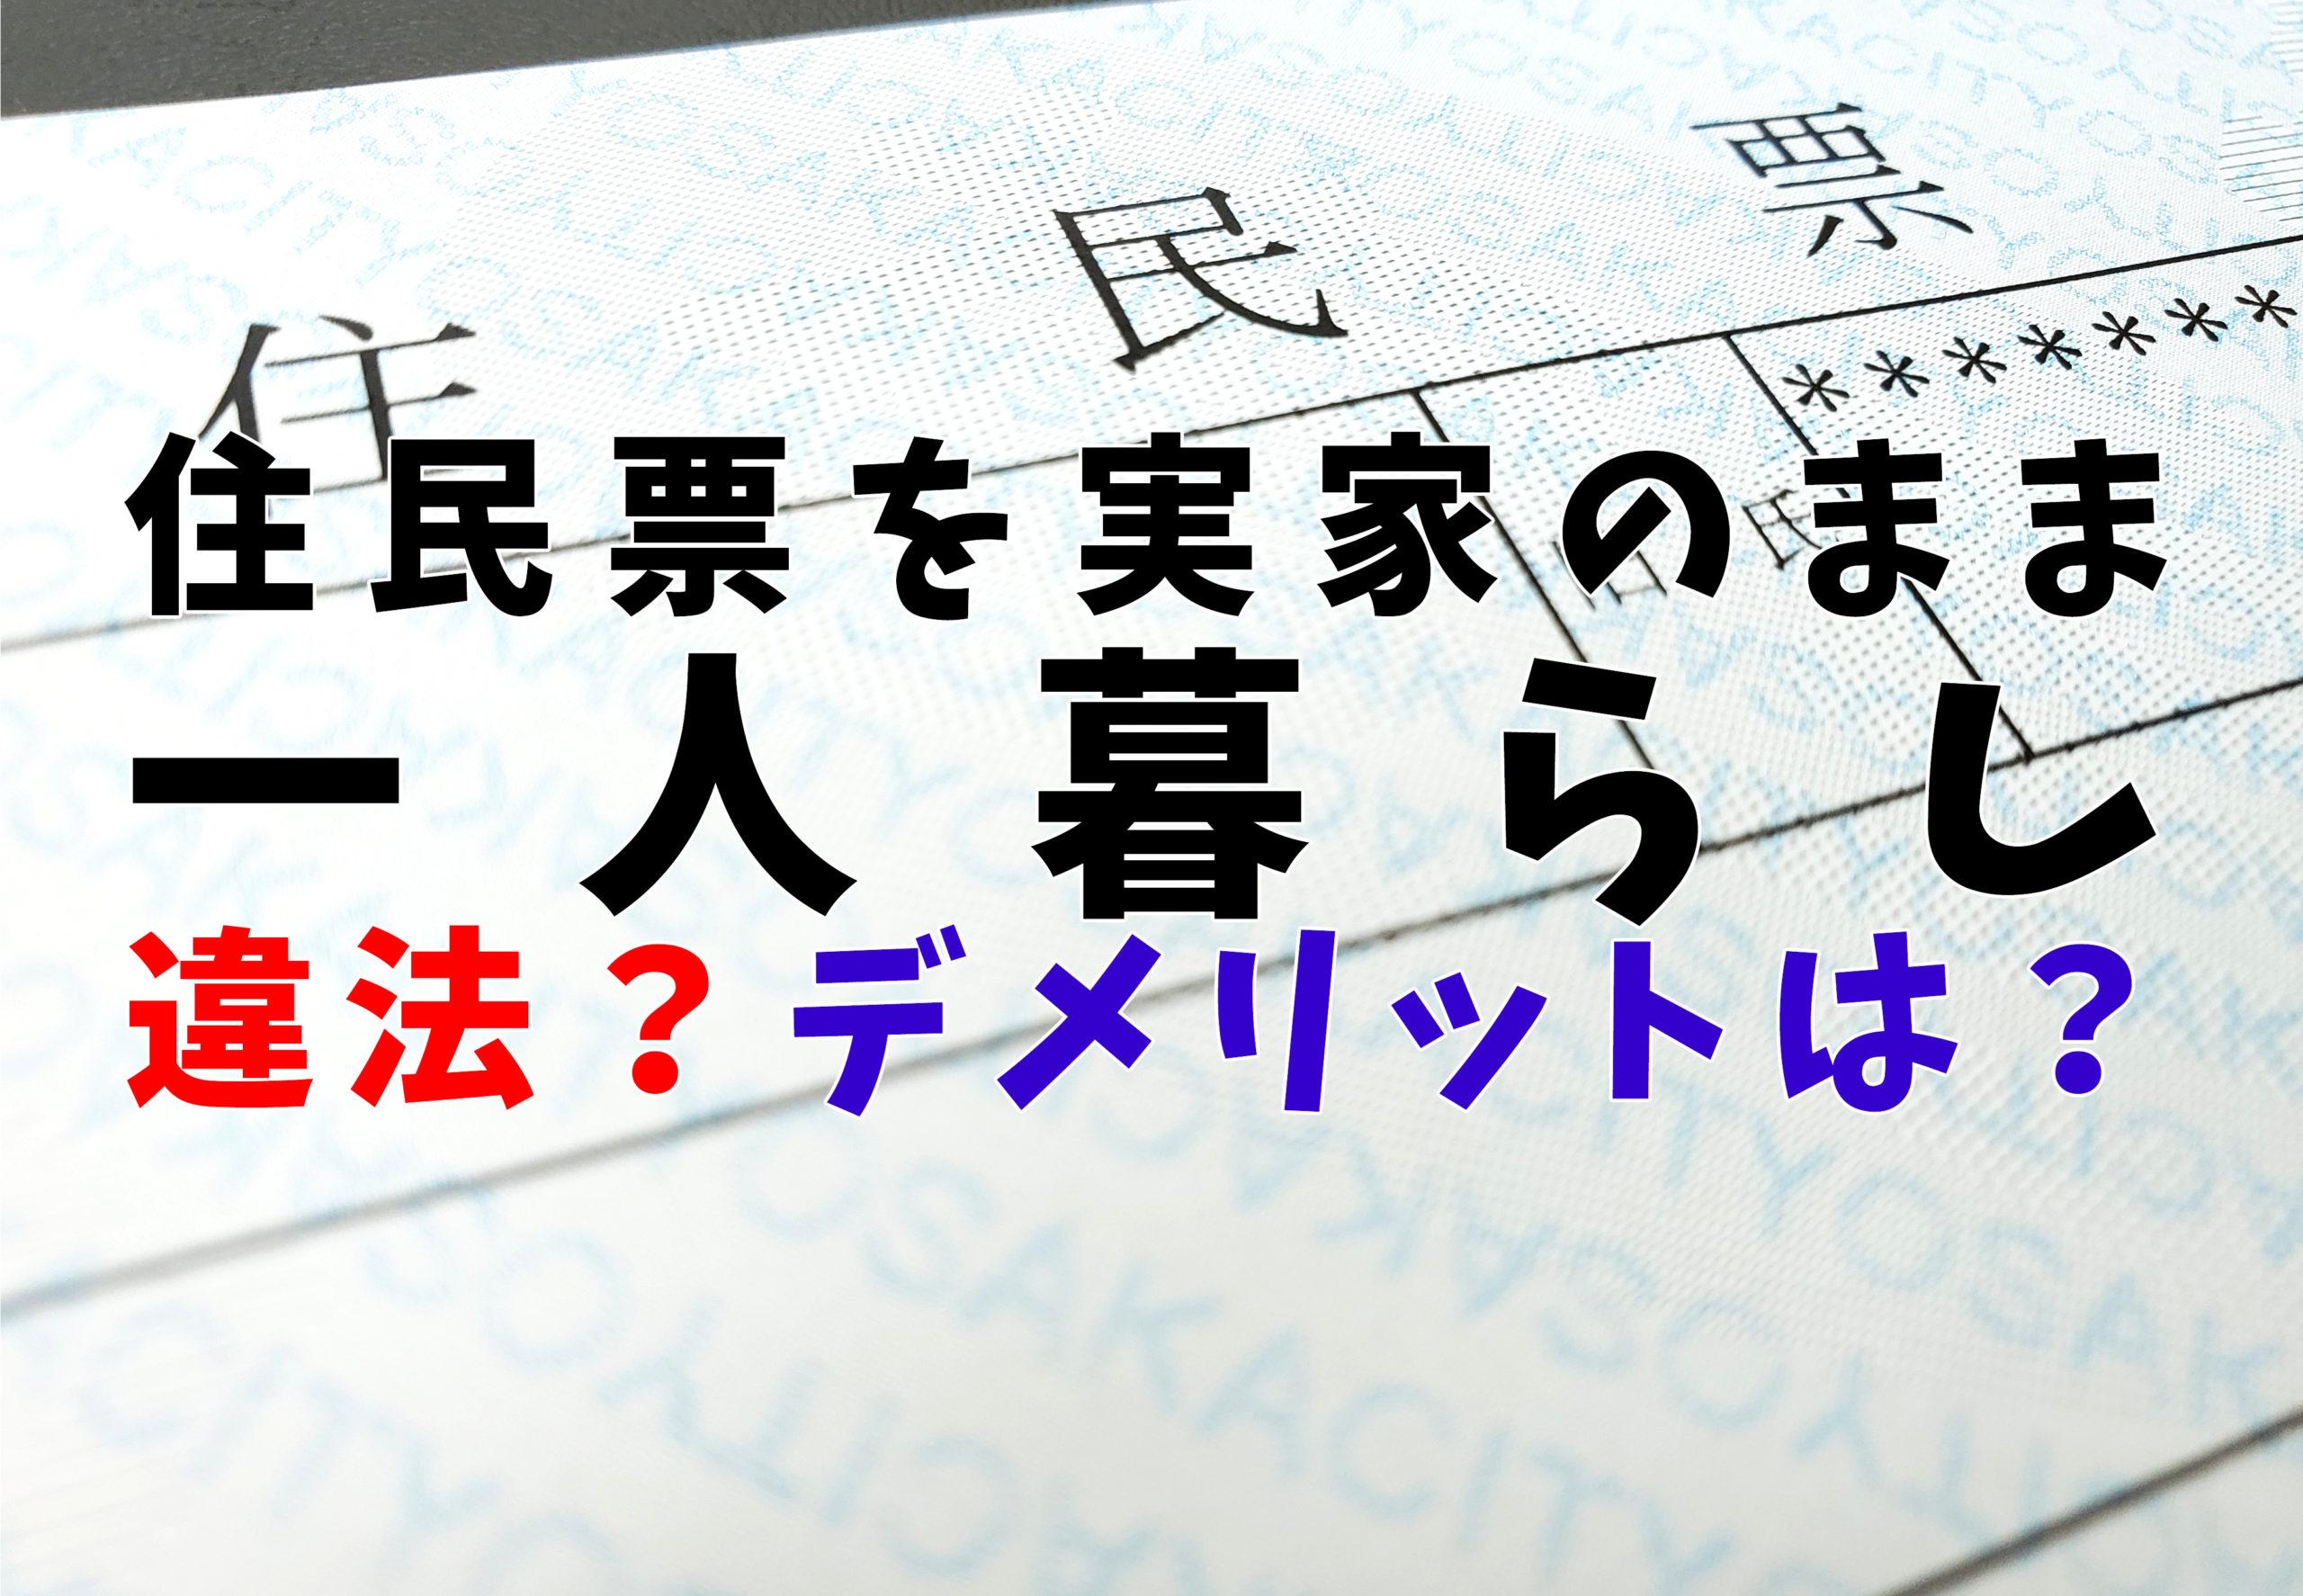 住民票を実家のまま一人暮らしは違法か